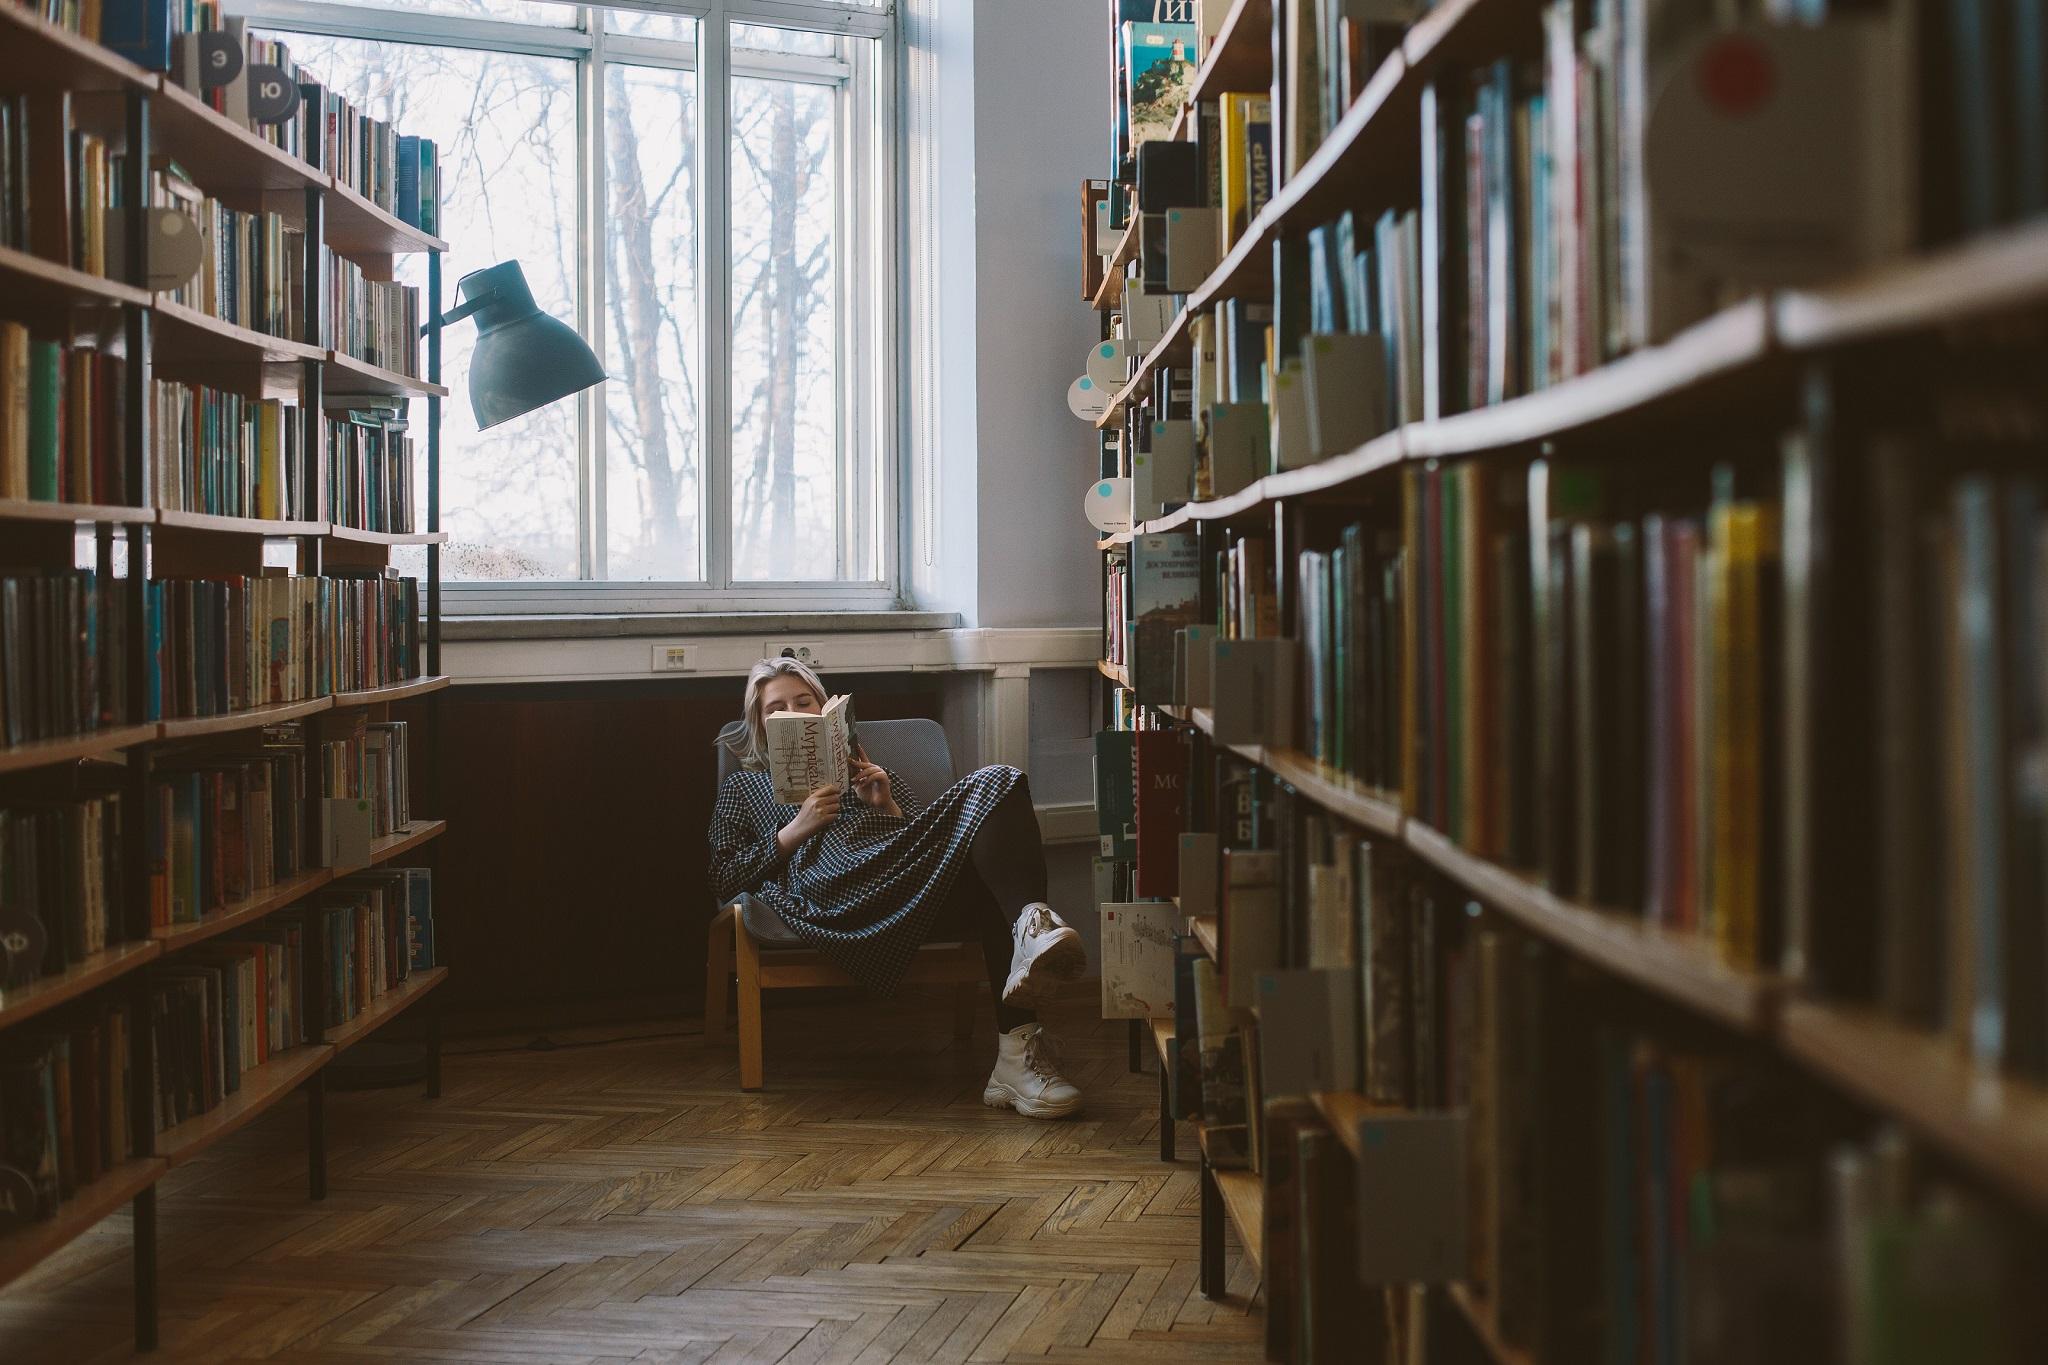 Mulher lendo em uma biblioteca com os melhores livros brasileiros.